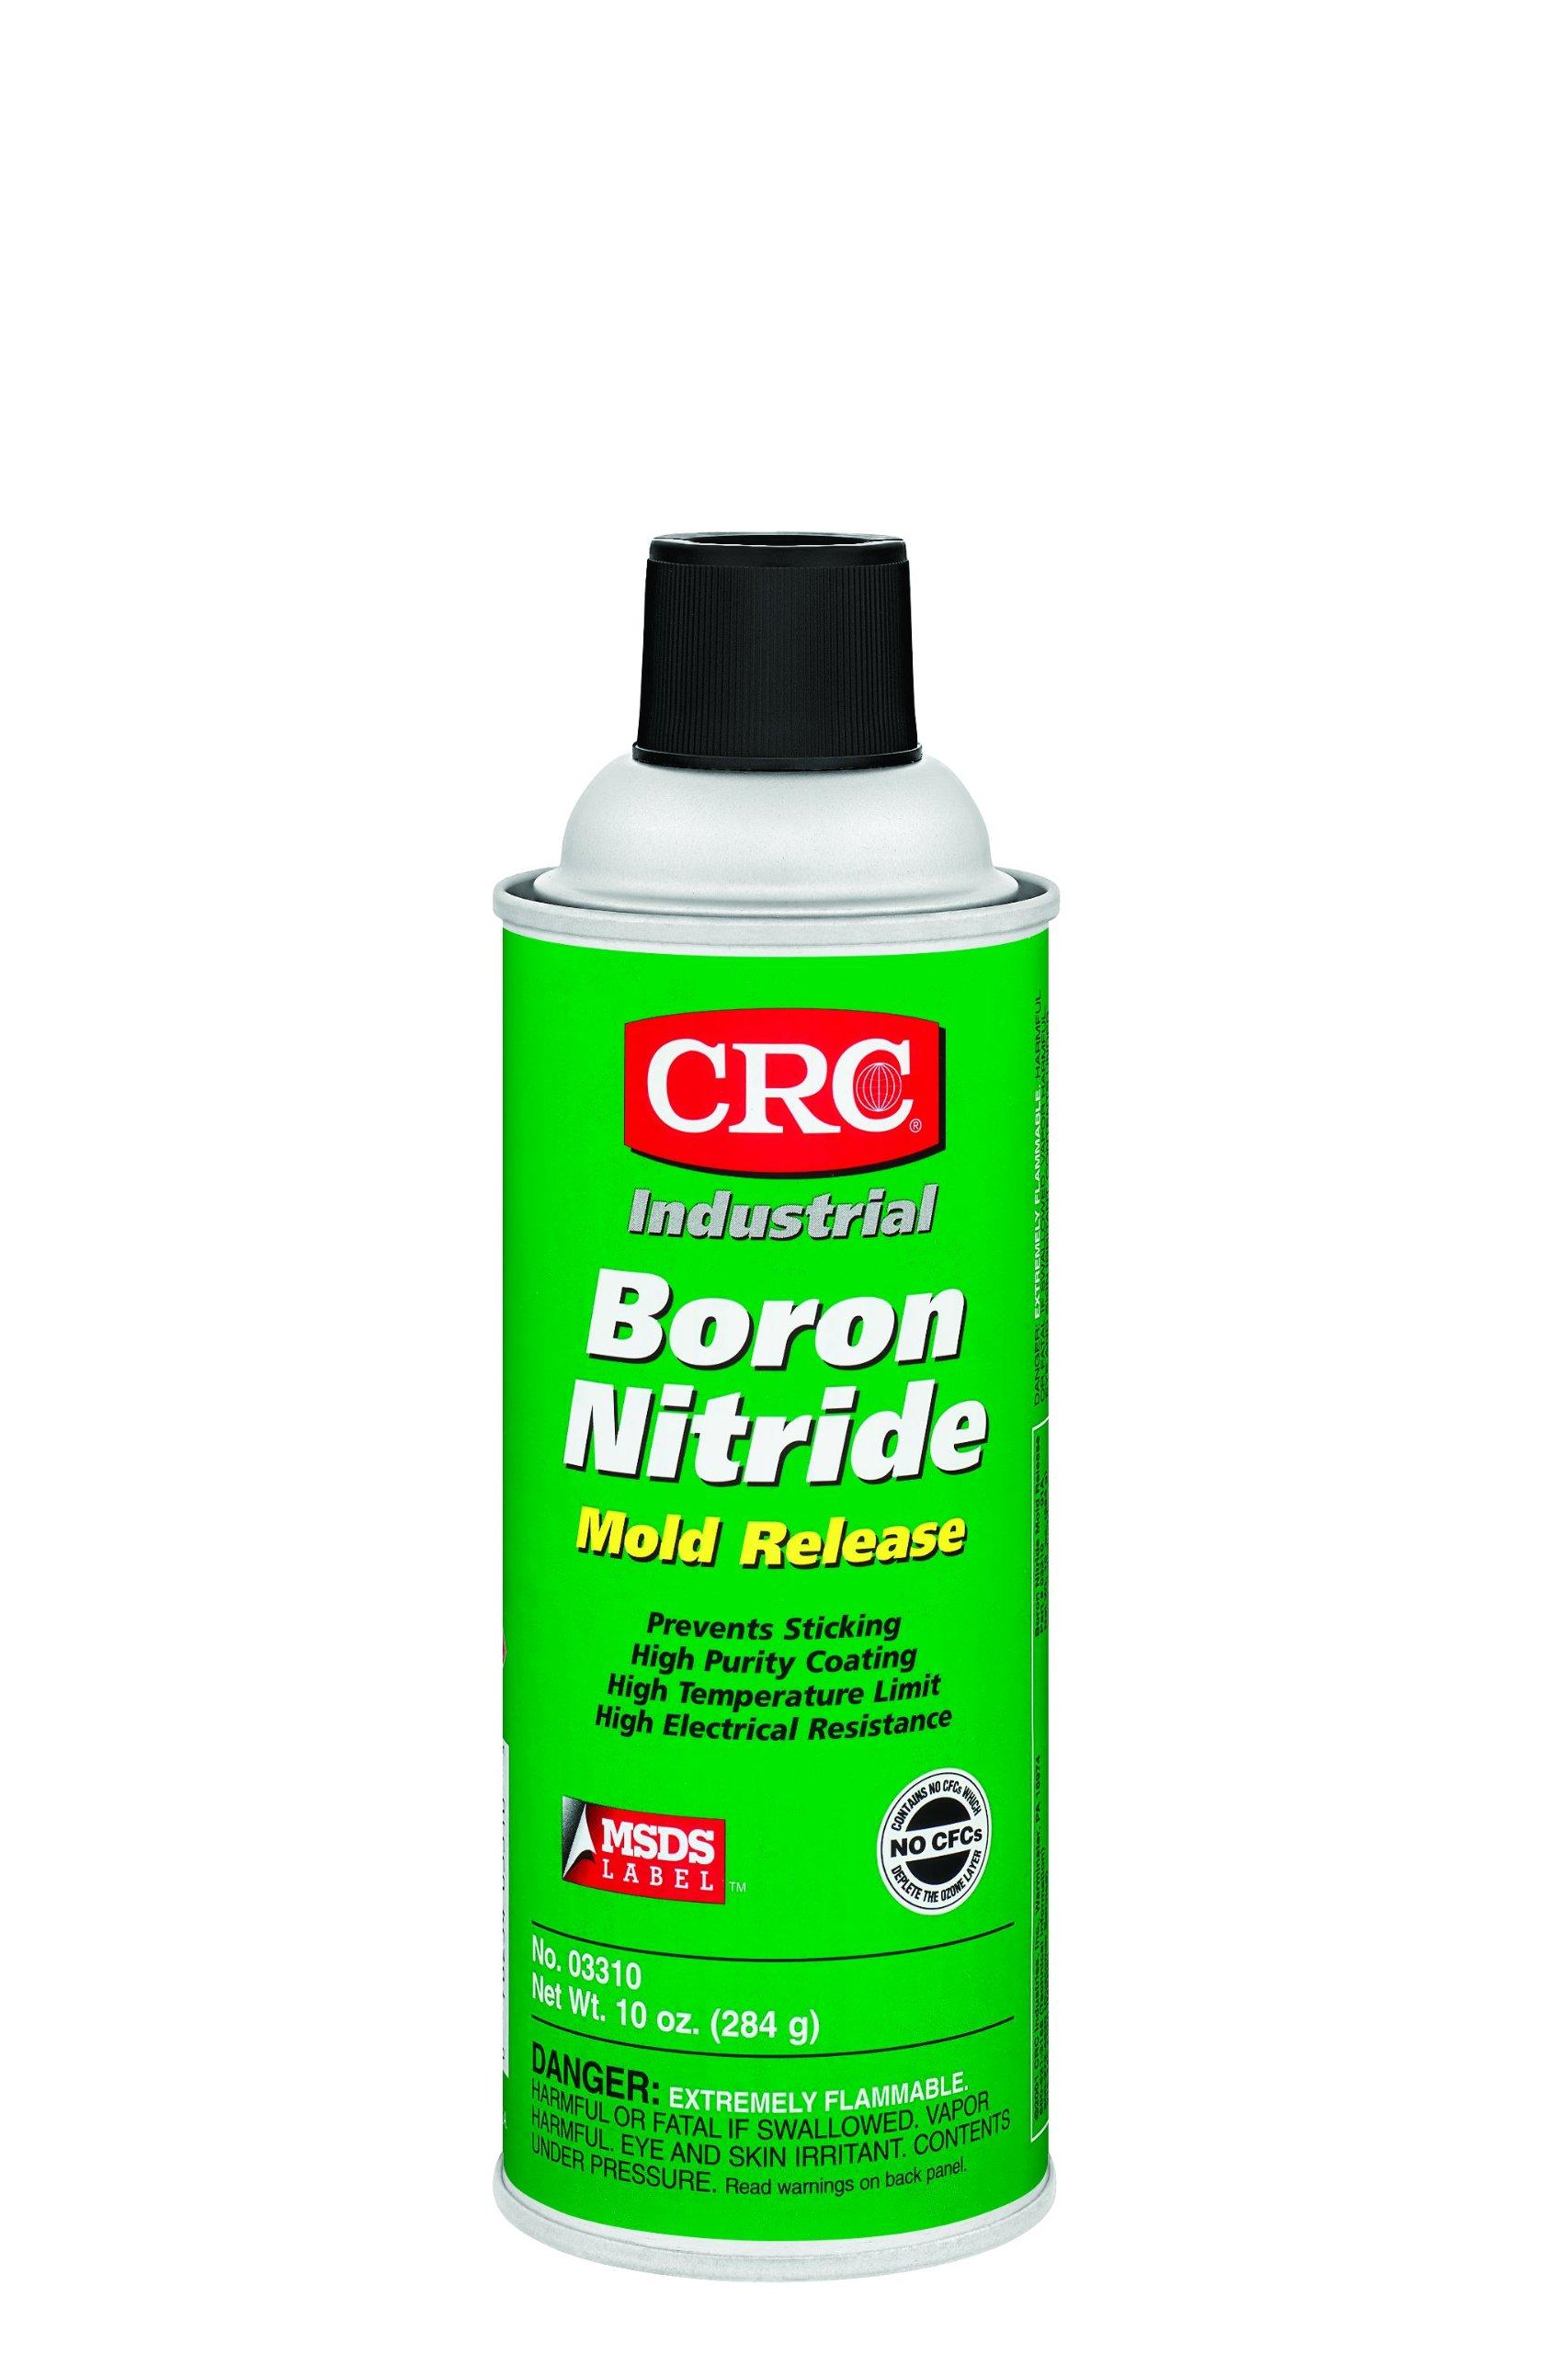 CRC 03310 Boron Nitride Mold Release (Net Weight: 10 oz.) 16 oz. Aerosol Spray